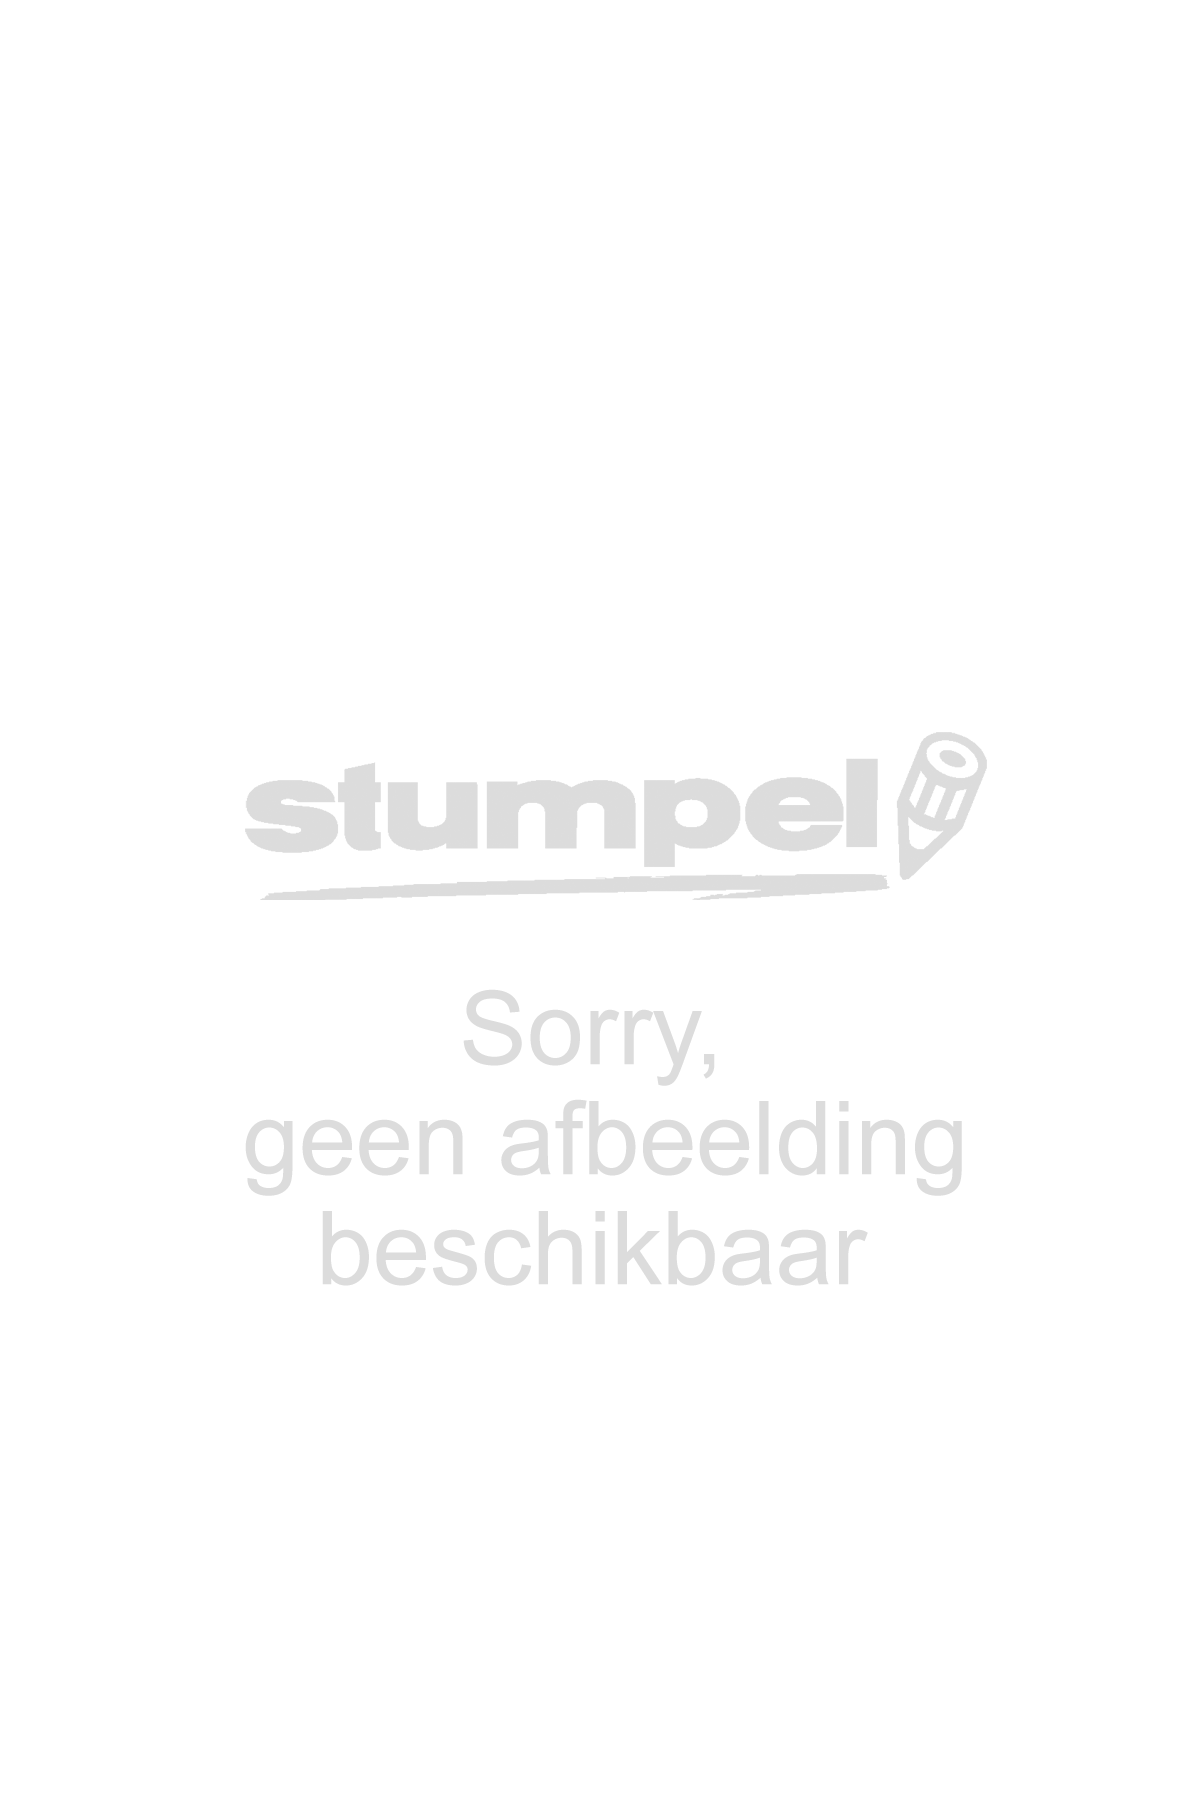 whiteboardstift-quantore-rond-1-1-5mm-groen-630534